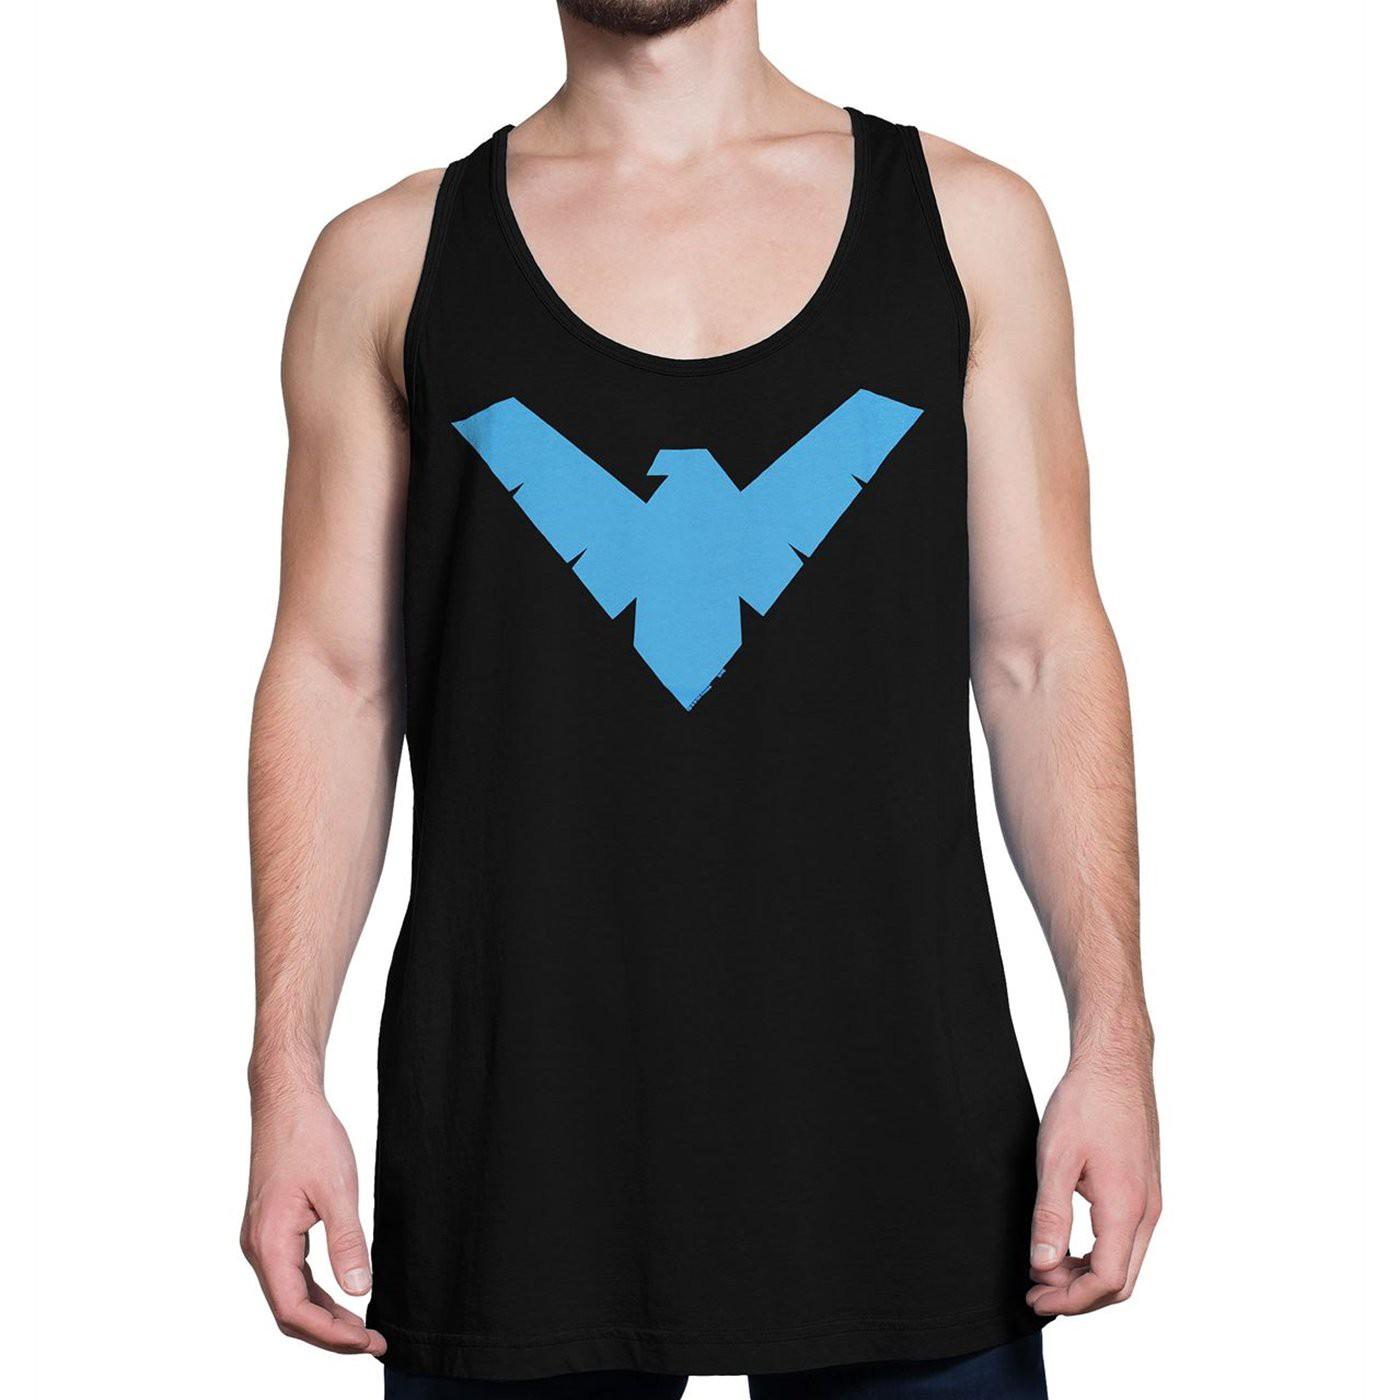 Nightwing Symbol Tank Top